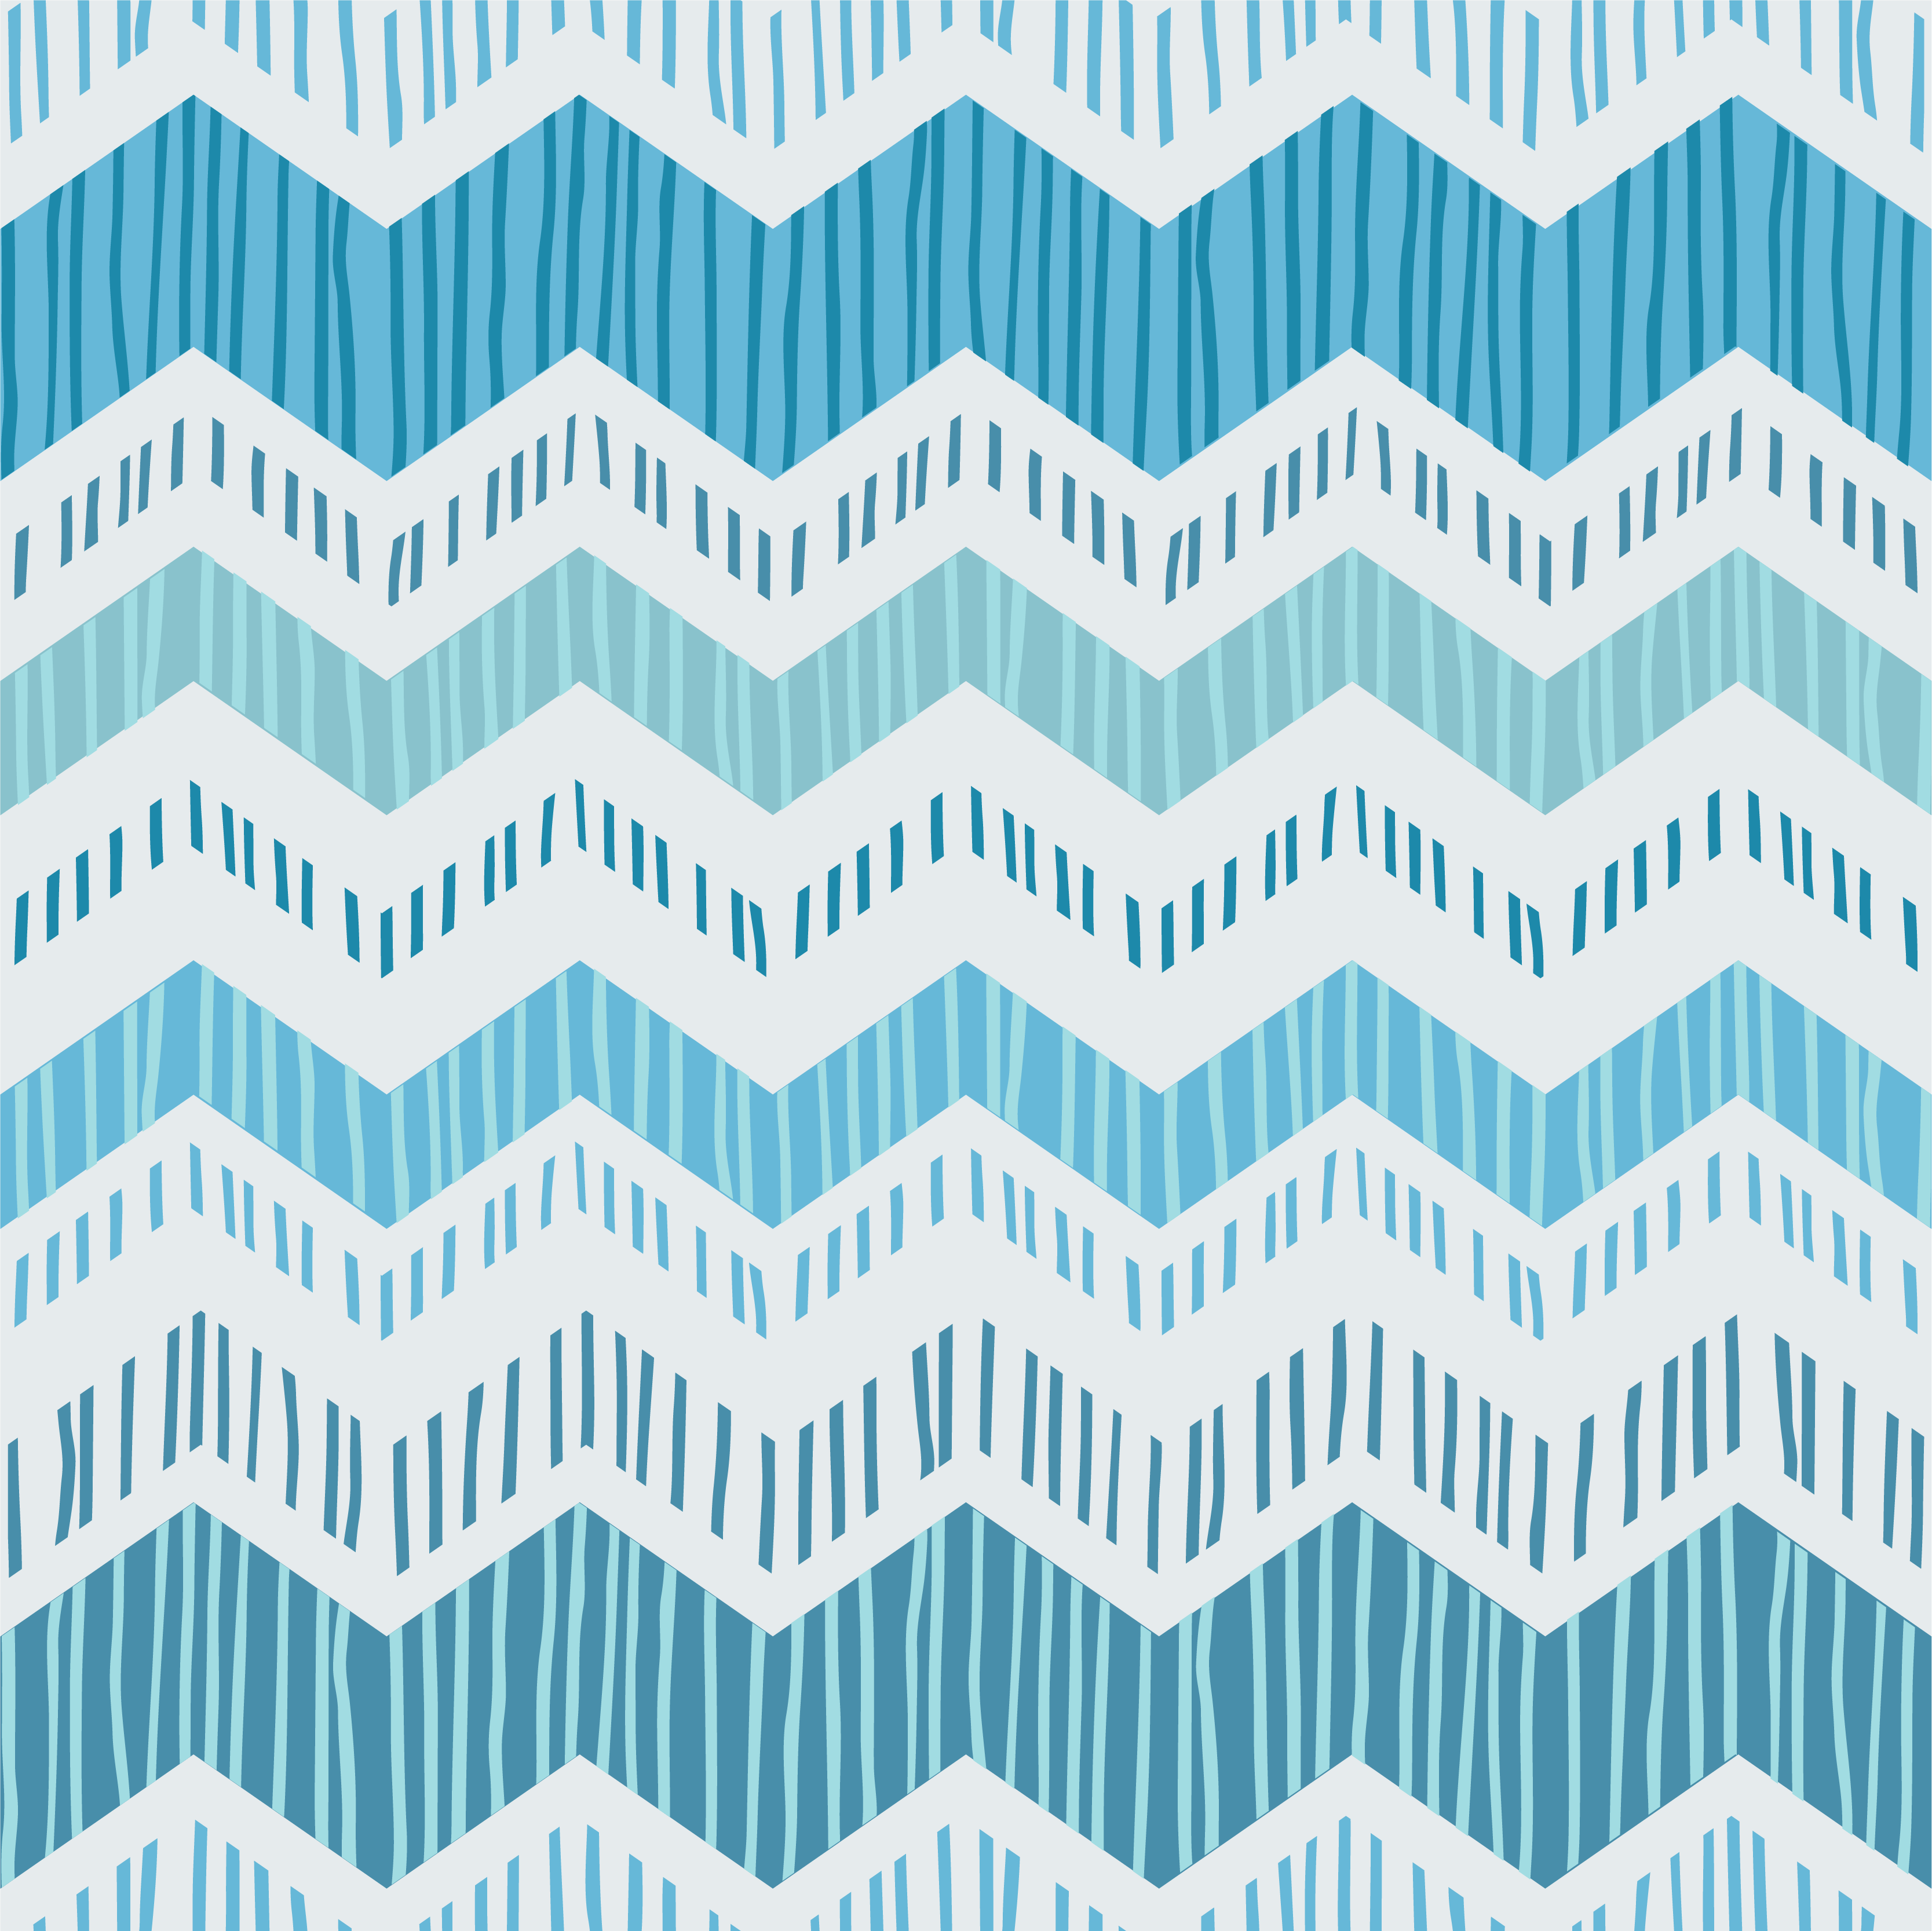 TenVinilo. Vinilo adhesivo para muebles azul de zigzag. Vinilo adhesivo para muebles azul con forma de zigzag con el que cubrir la superficie con una belleza elegante ¡Medidas personanlizables!